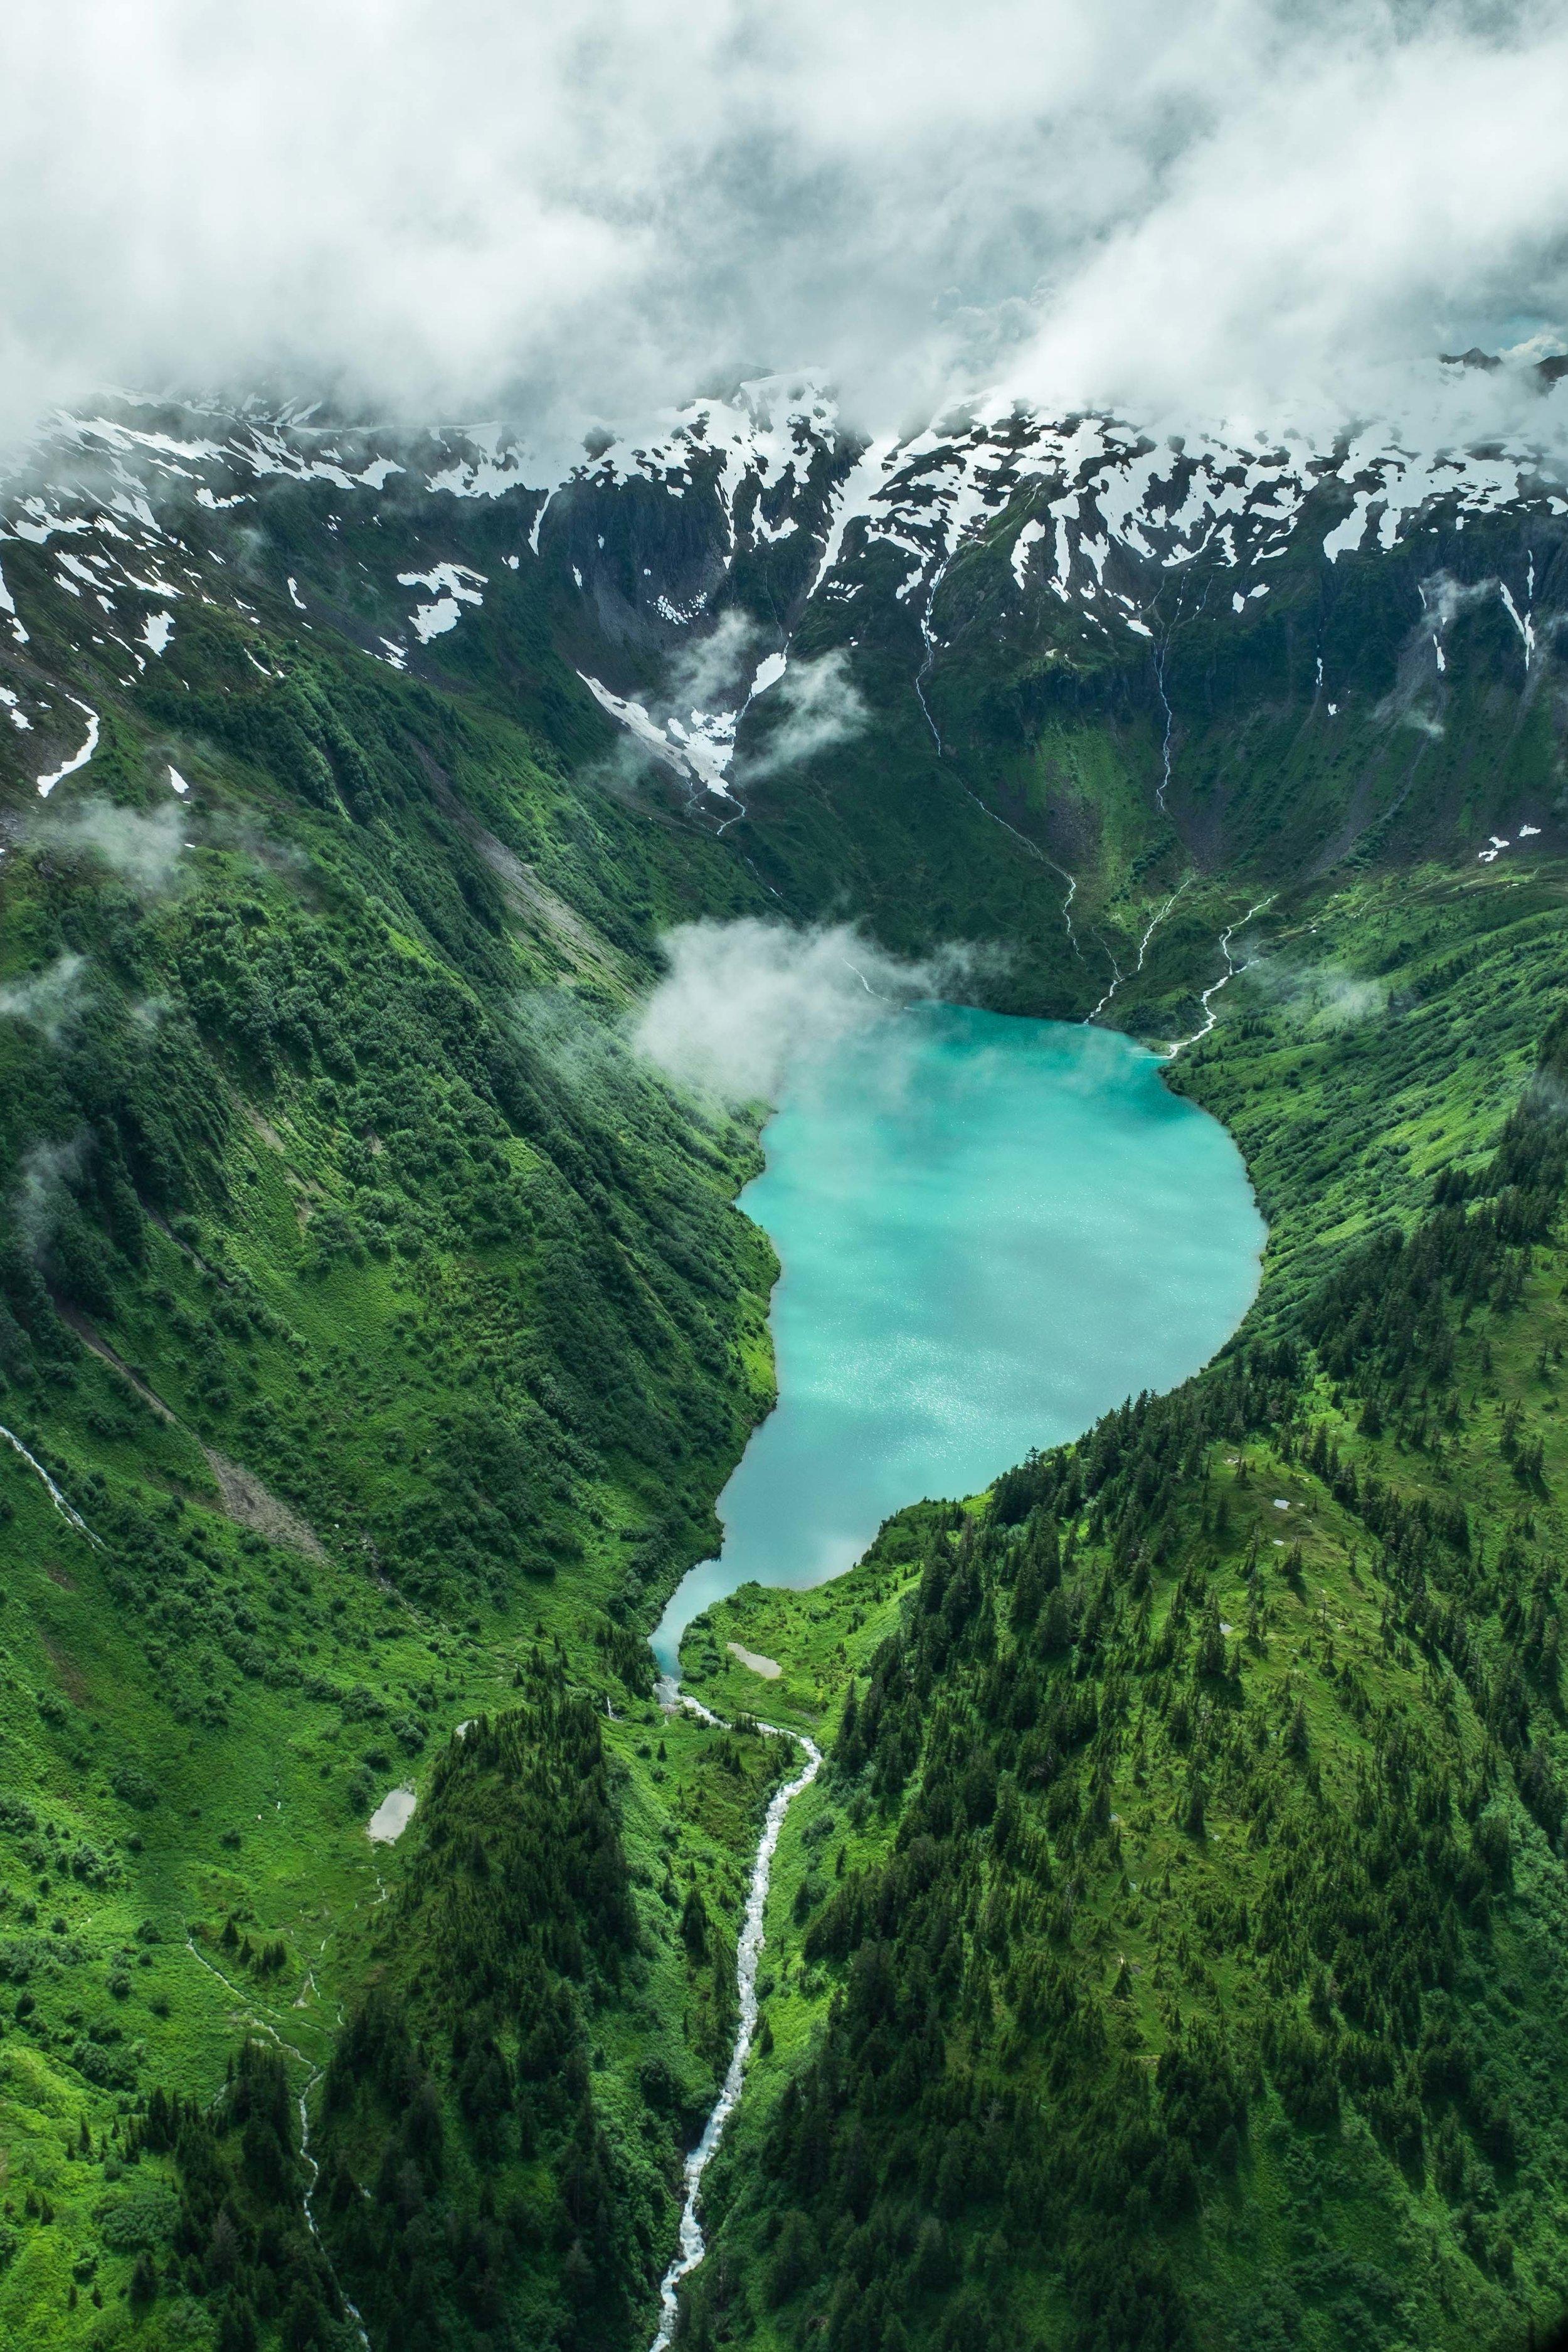 20160702-JI-Glacier Bay National Park-00165.jpg